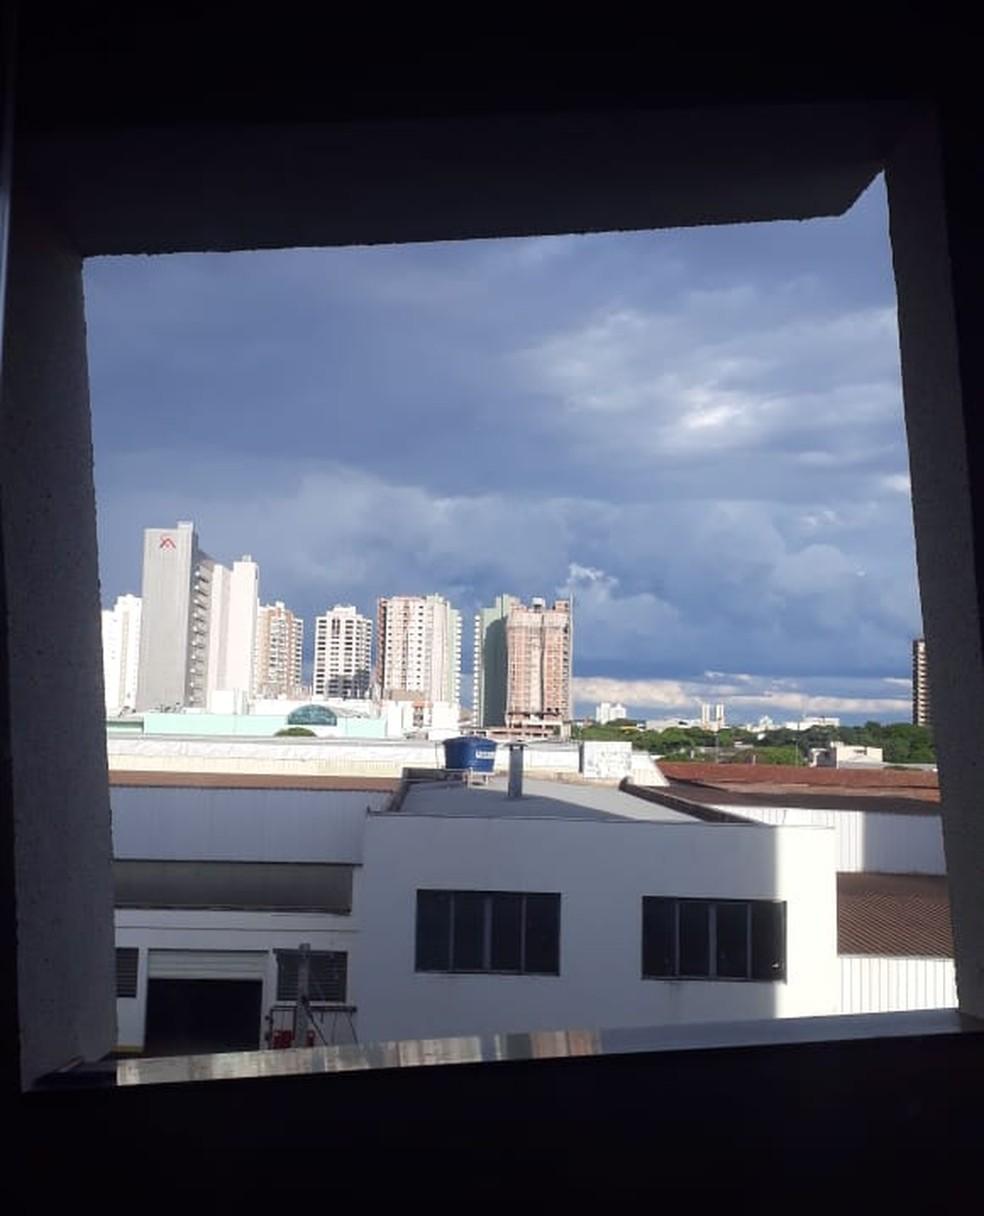 Janelas são o diferencial de prédio de Maringá — Foto: Eliana Ribeiro/Arquivo pessoal